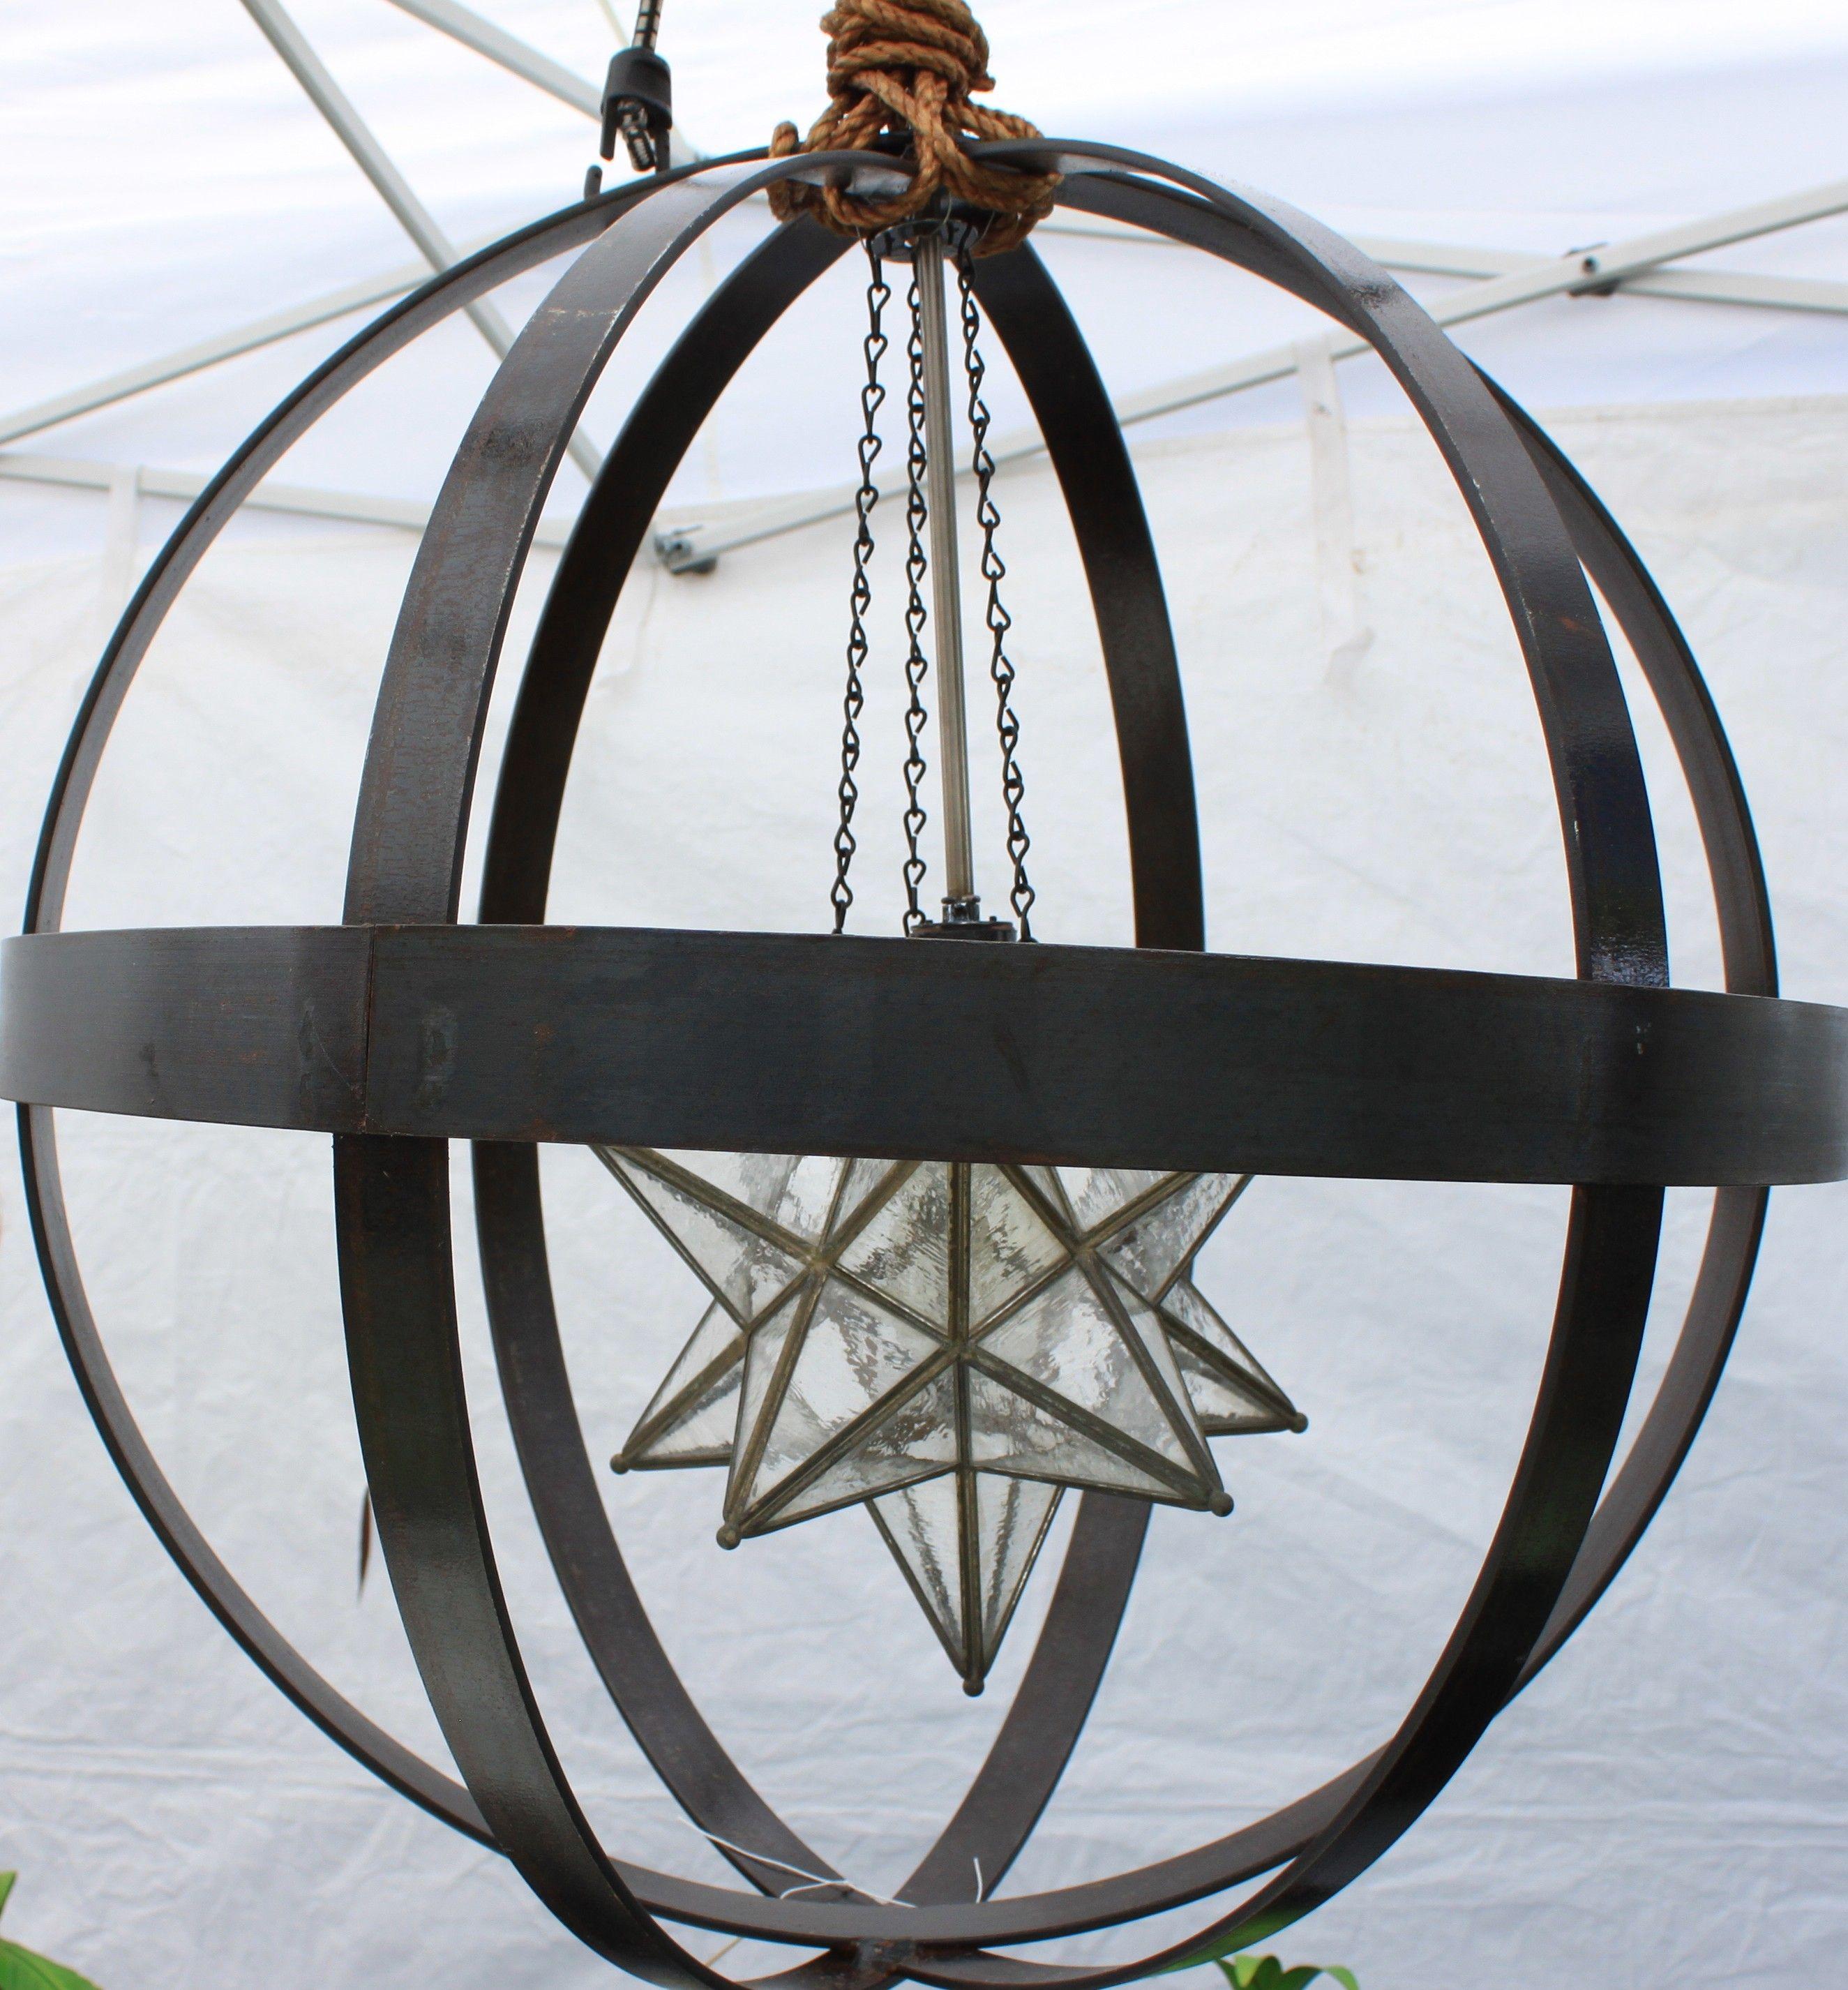 Handmade orb chandelier featured on Flea Market Flip